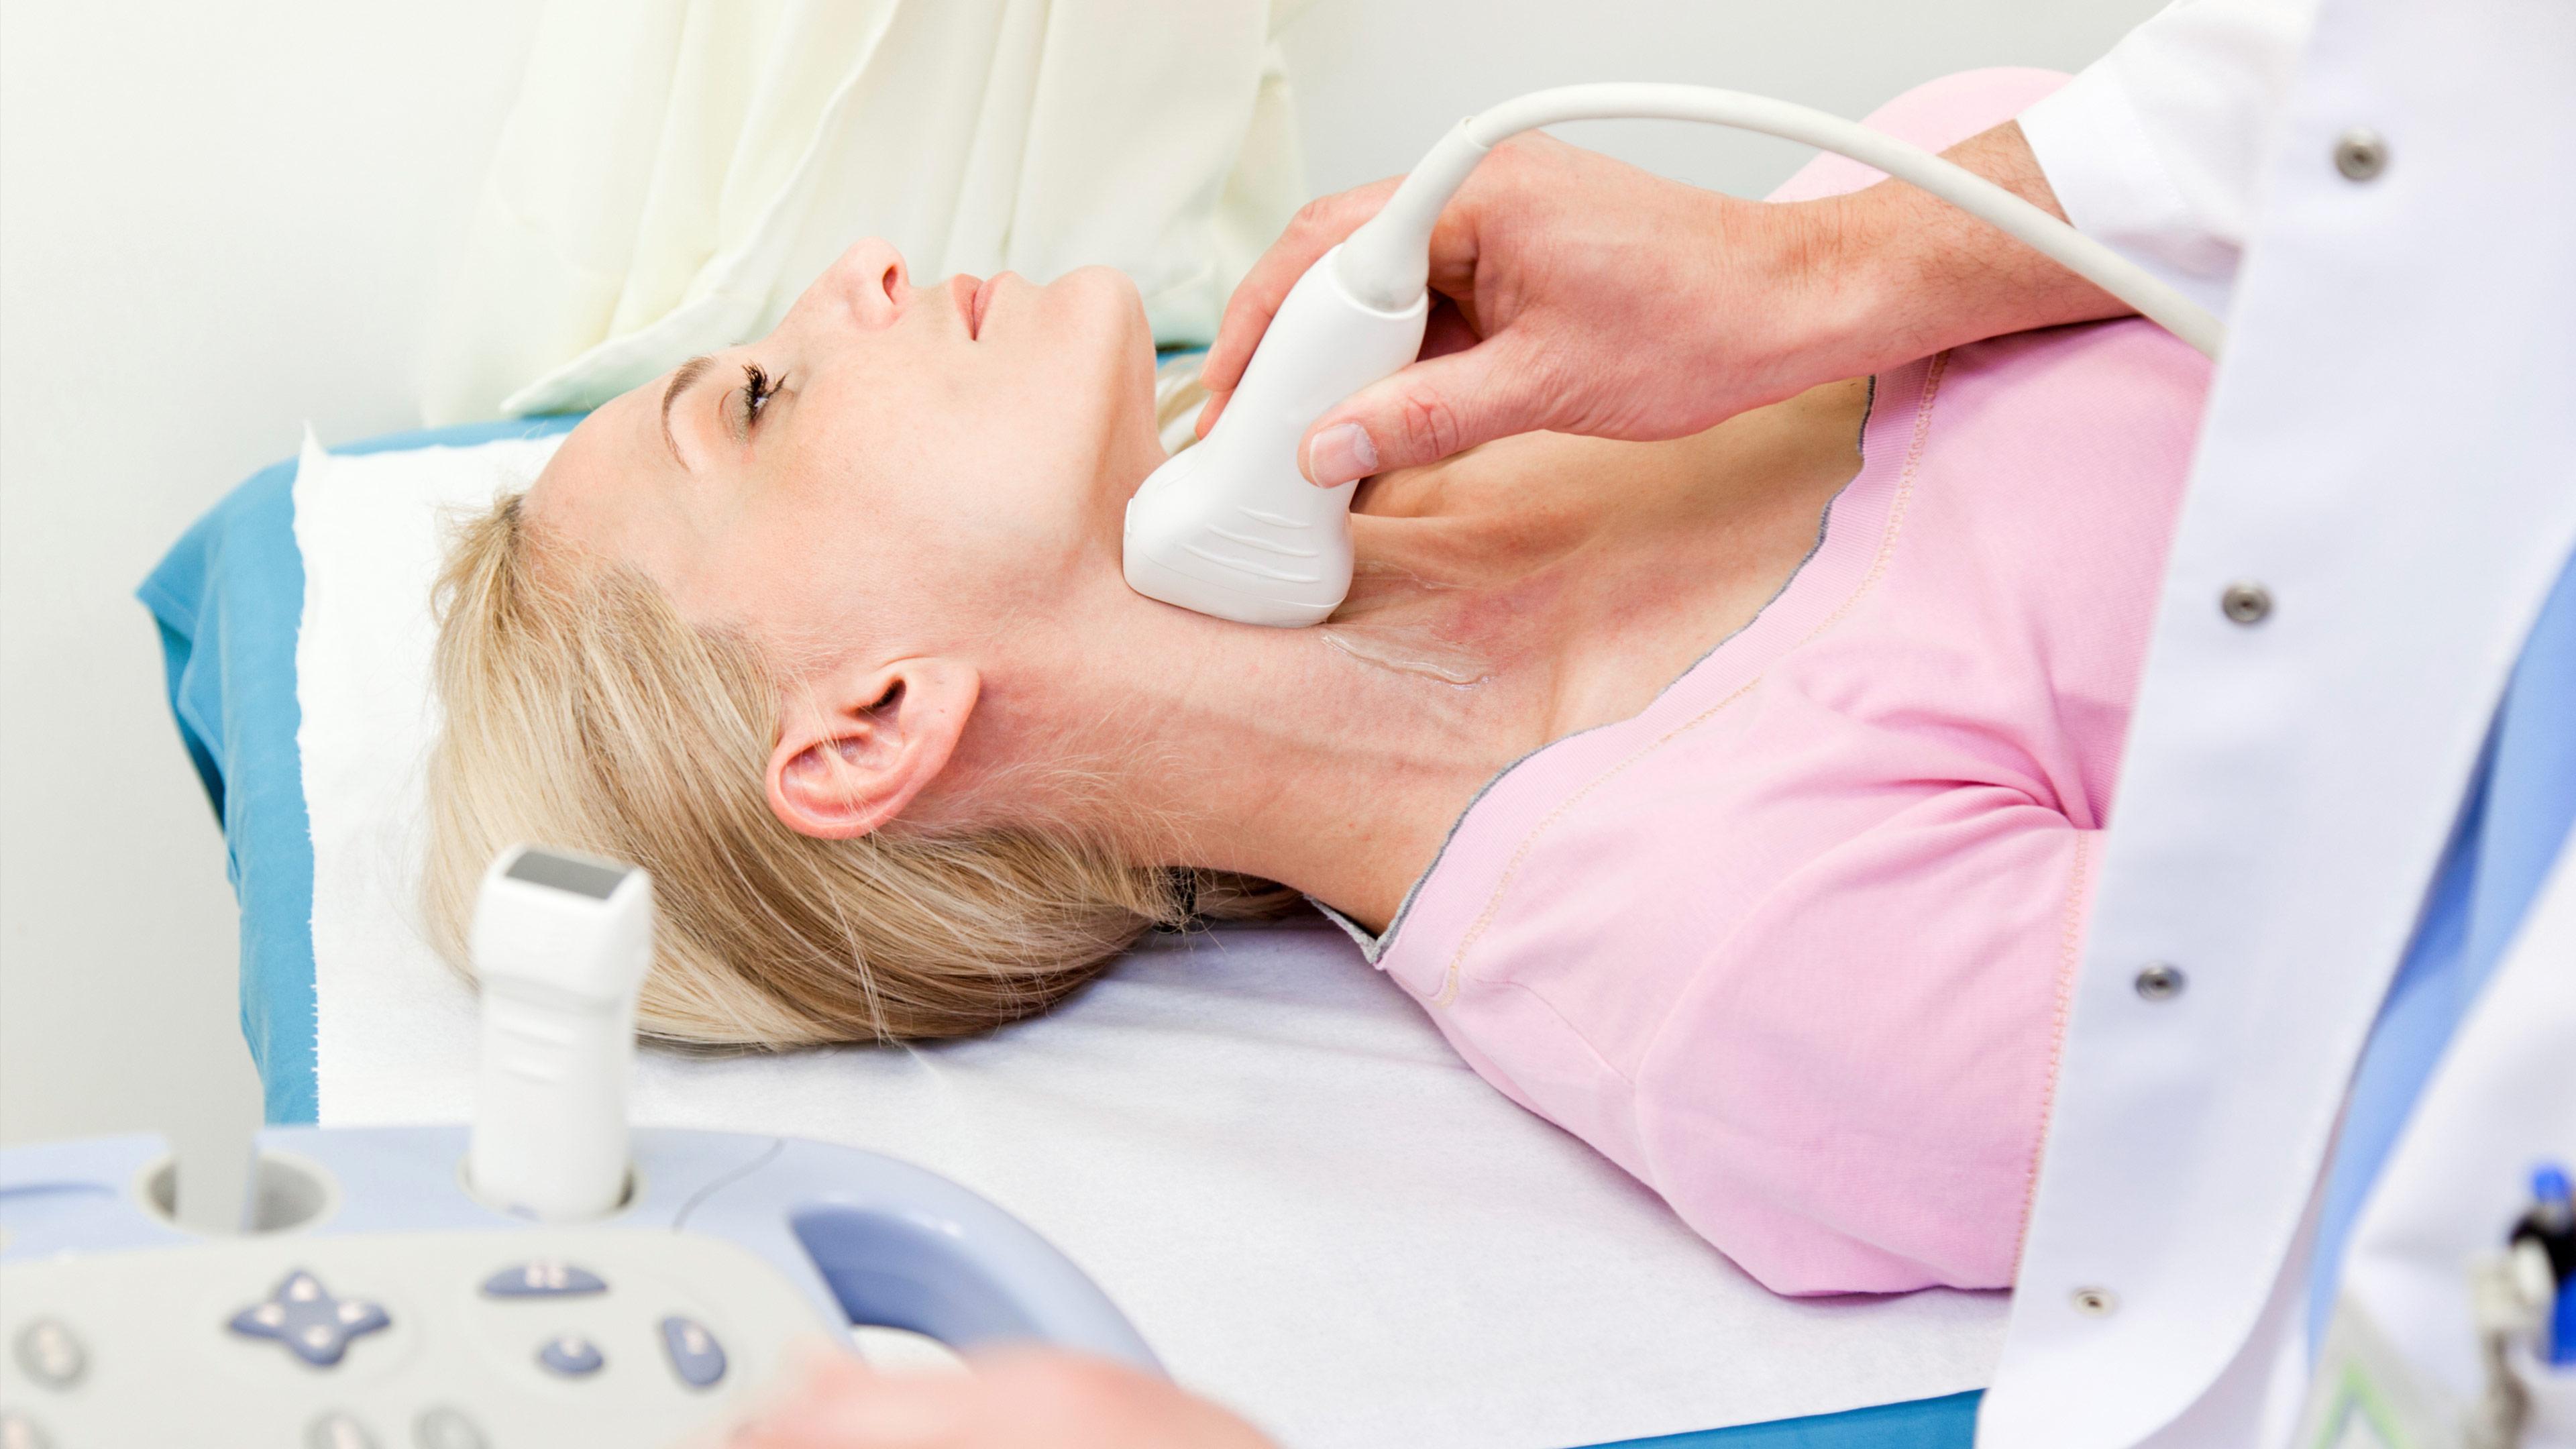 Сосуды шеи: функции, возможные проблемы и заболевания, их диагностика и лечение